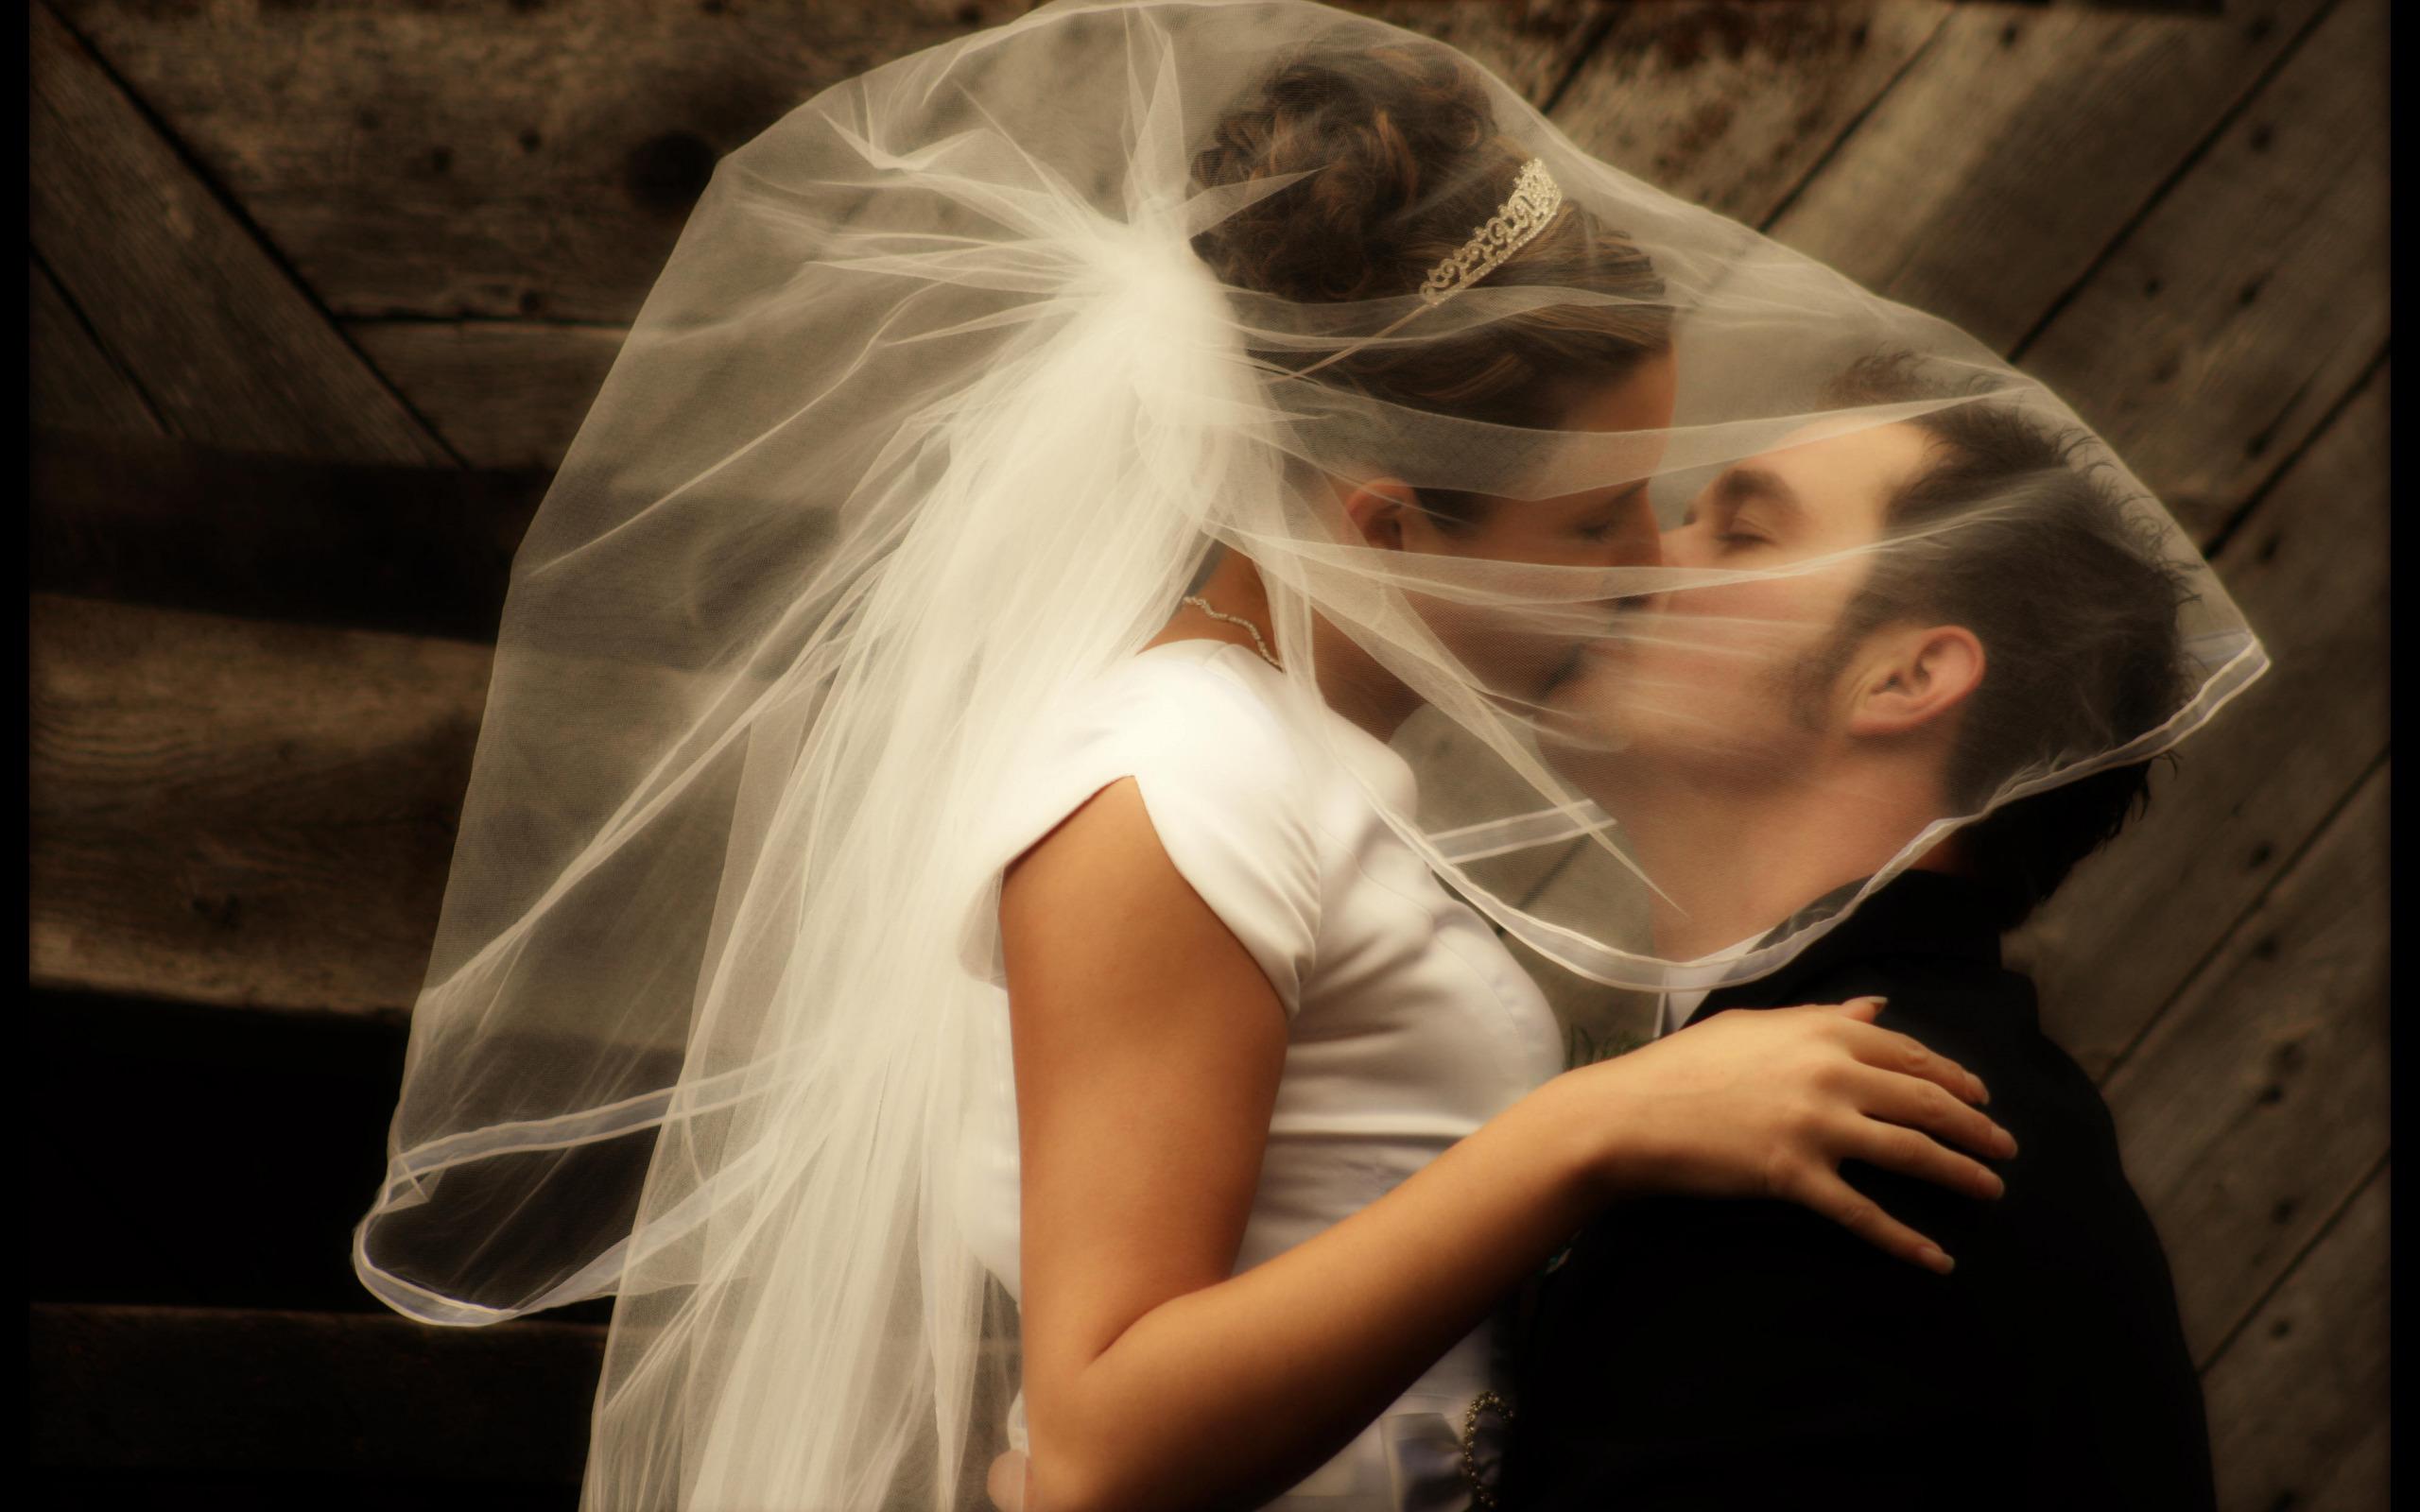 сон свадебная фотография любимого с другой так